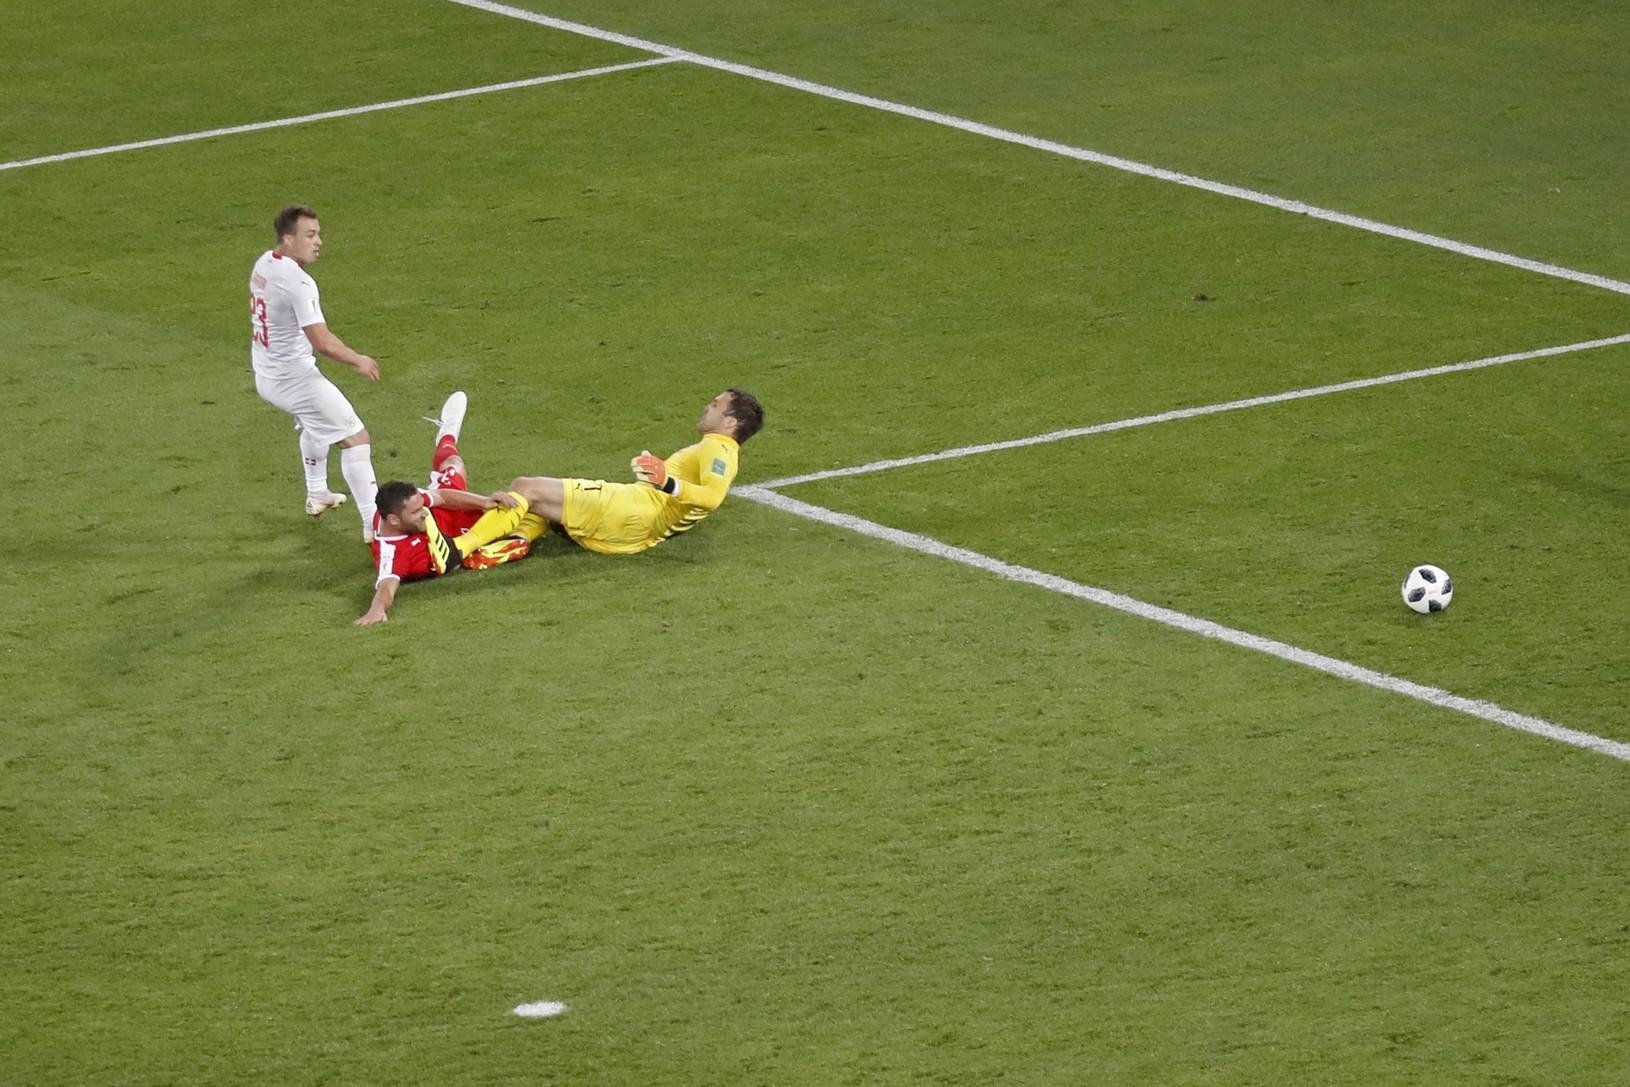 Švajčiarsky víťazný gól s